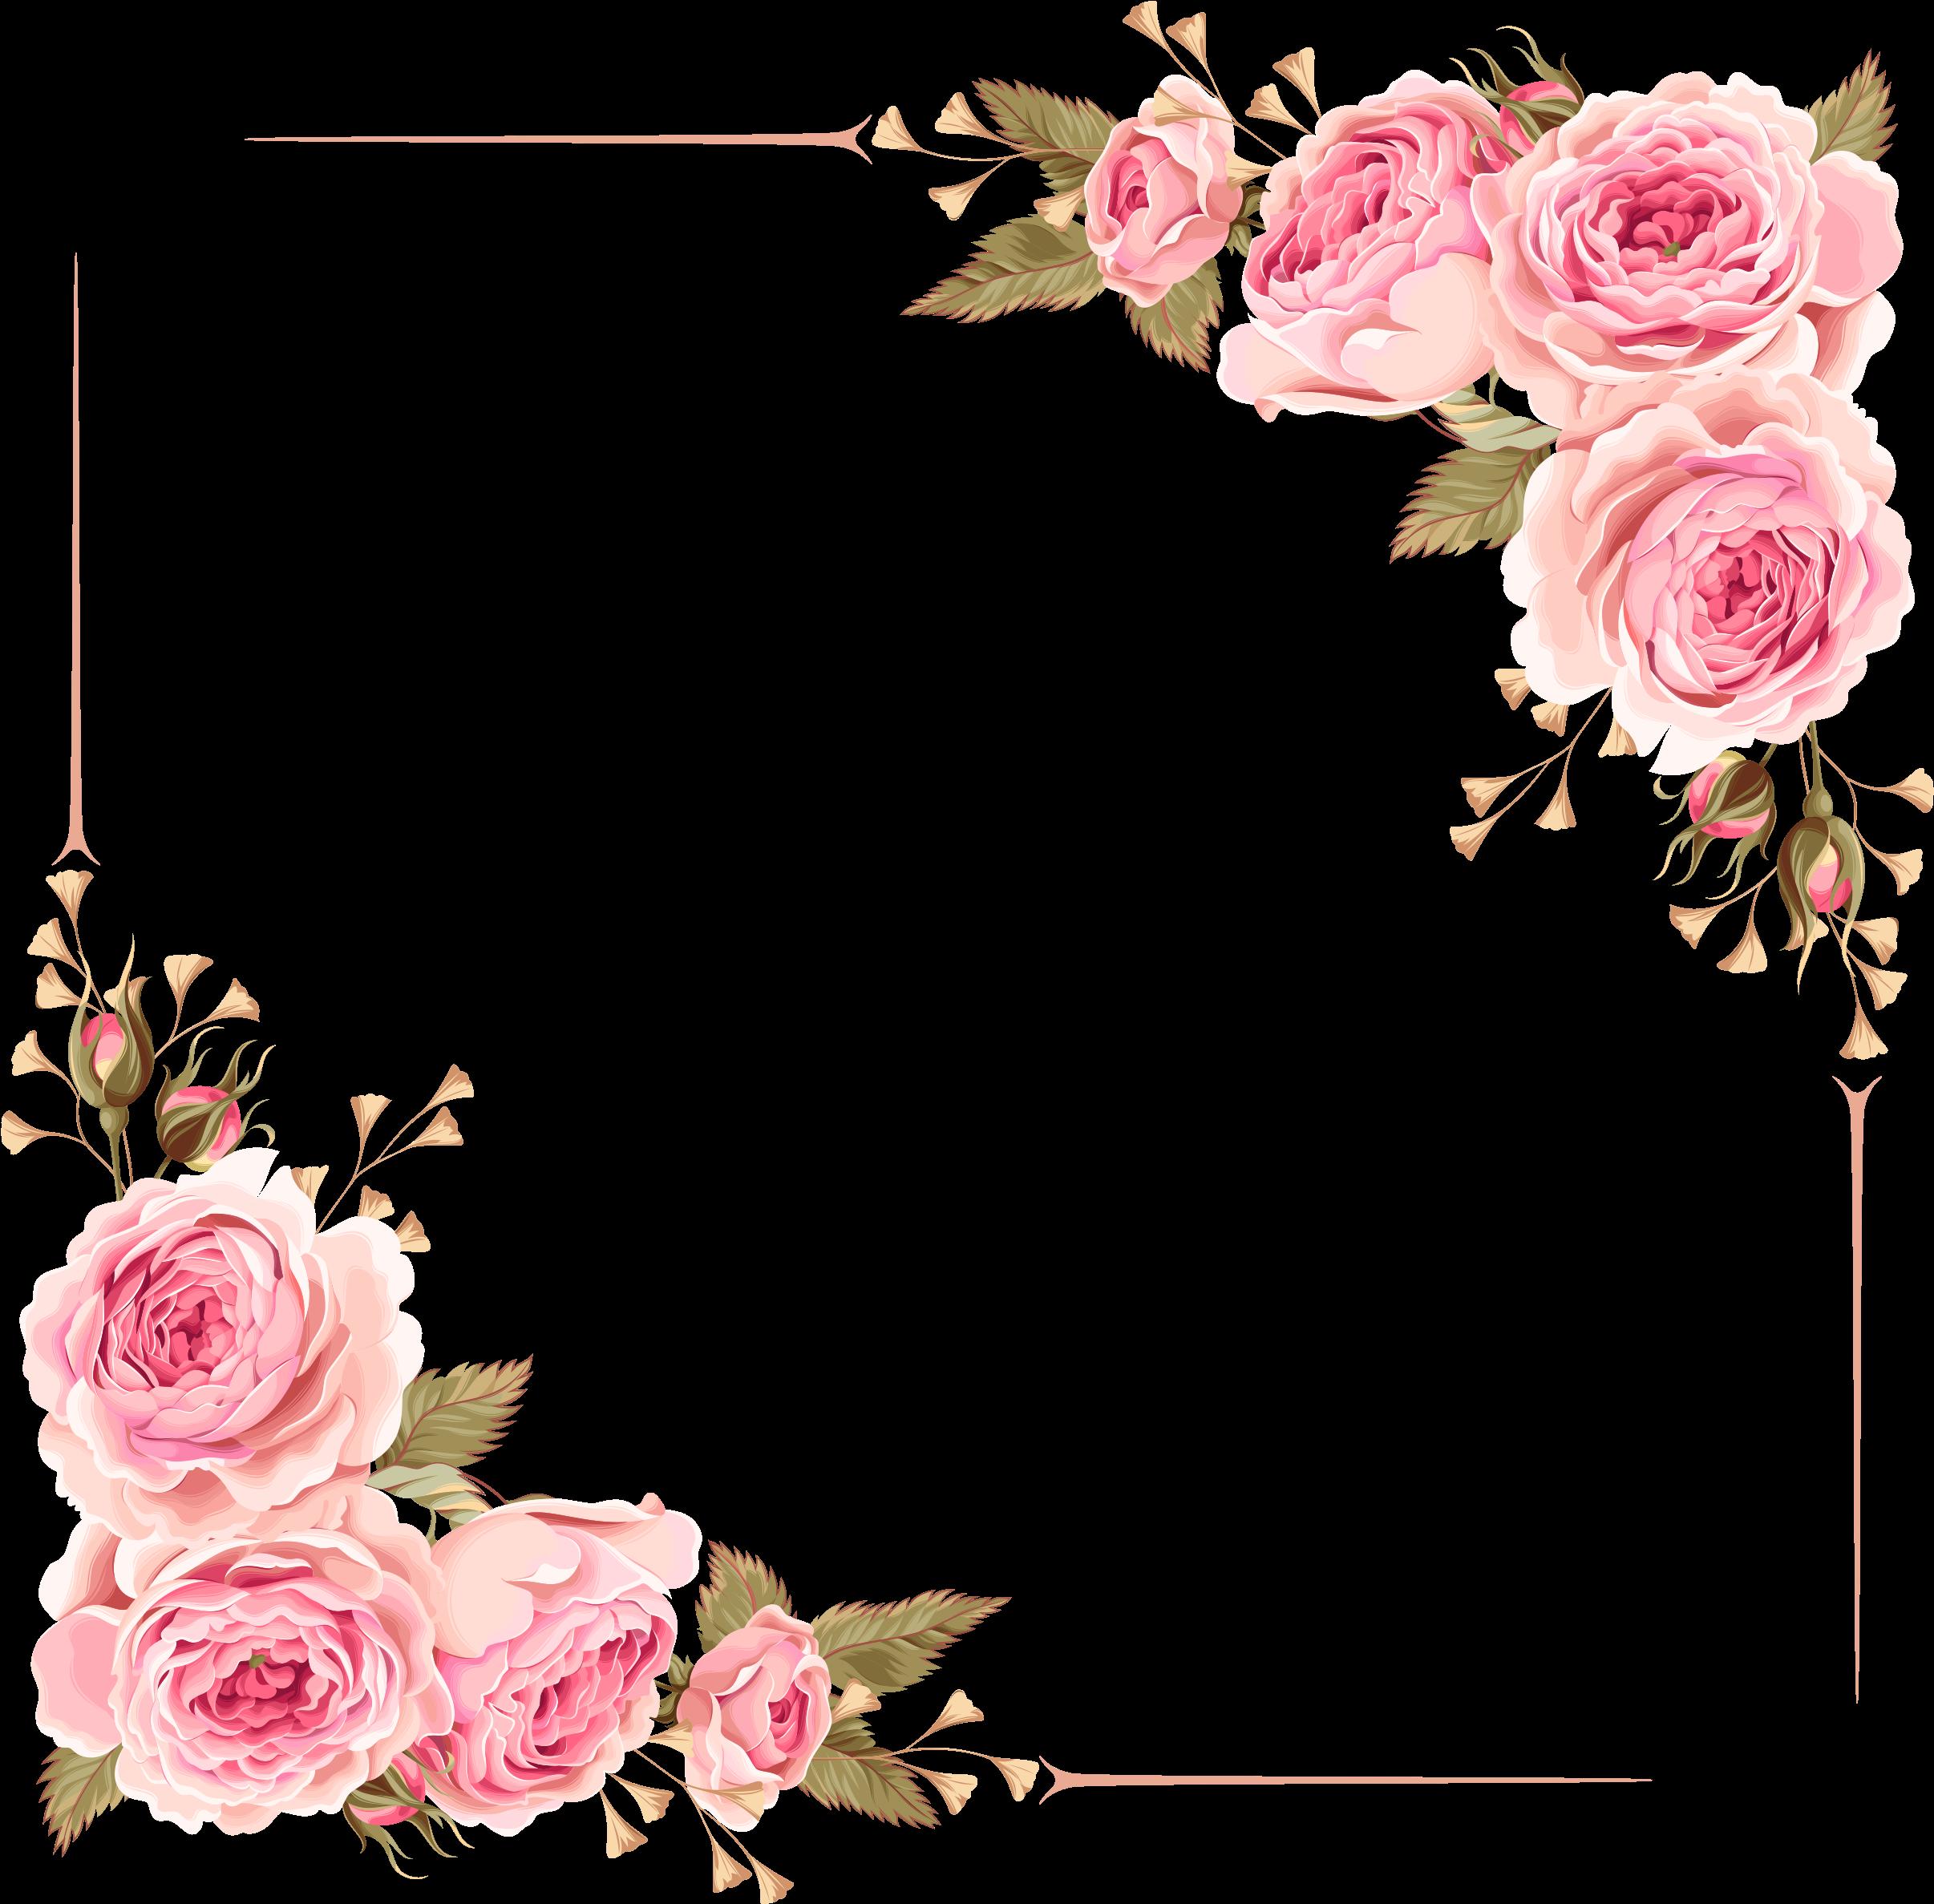 Rose Border Wedding Invitation Flower Borders Png Download Transparent Png Image Clip Art Borders Floral Border Design Flower Border